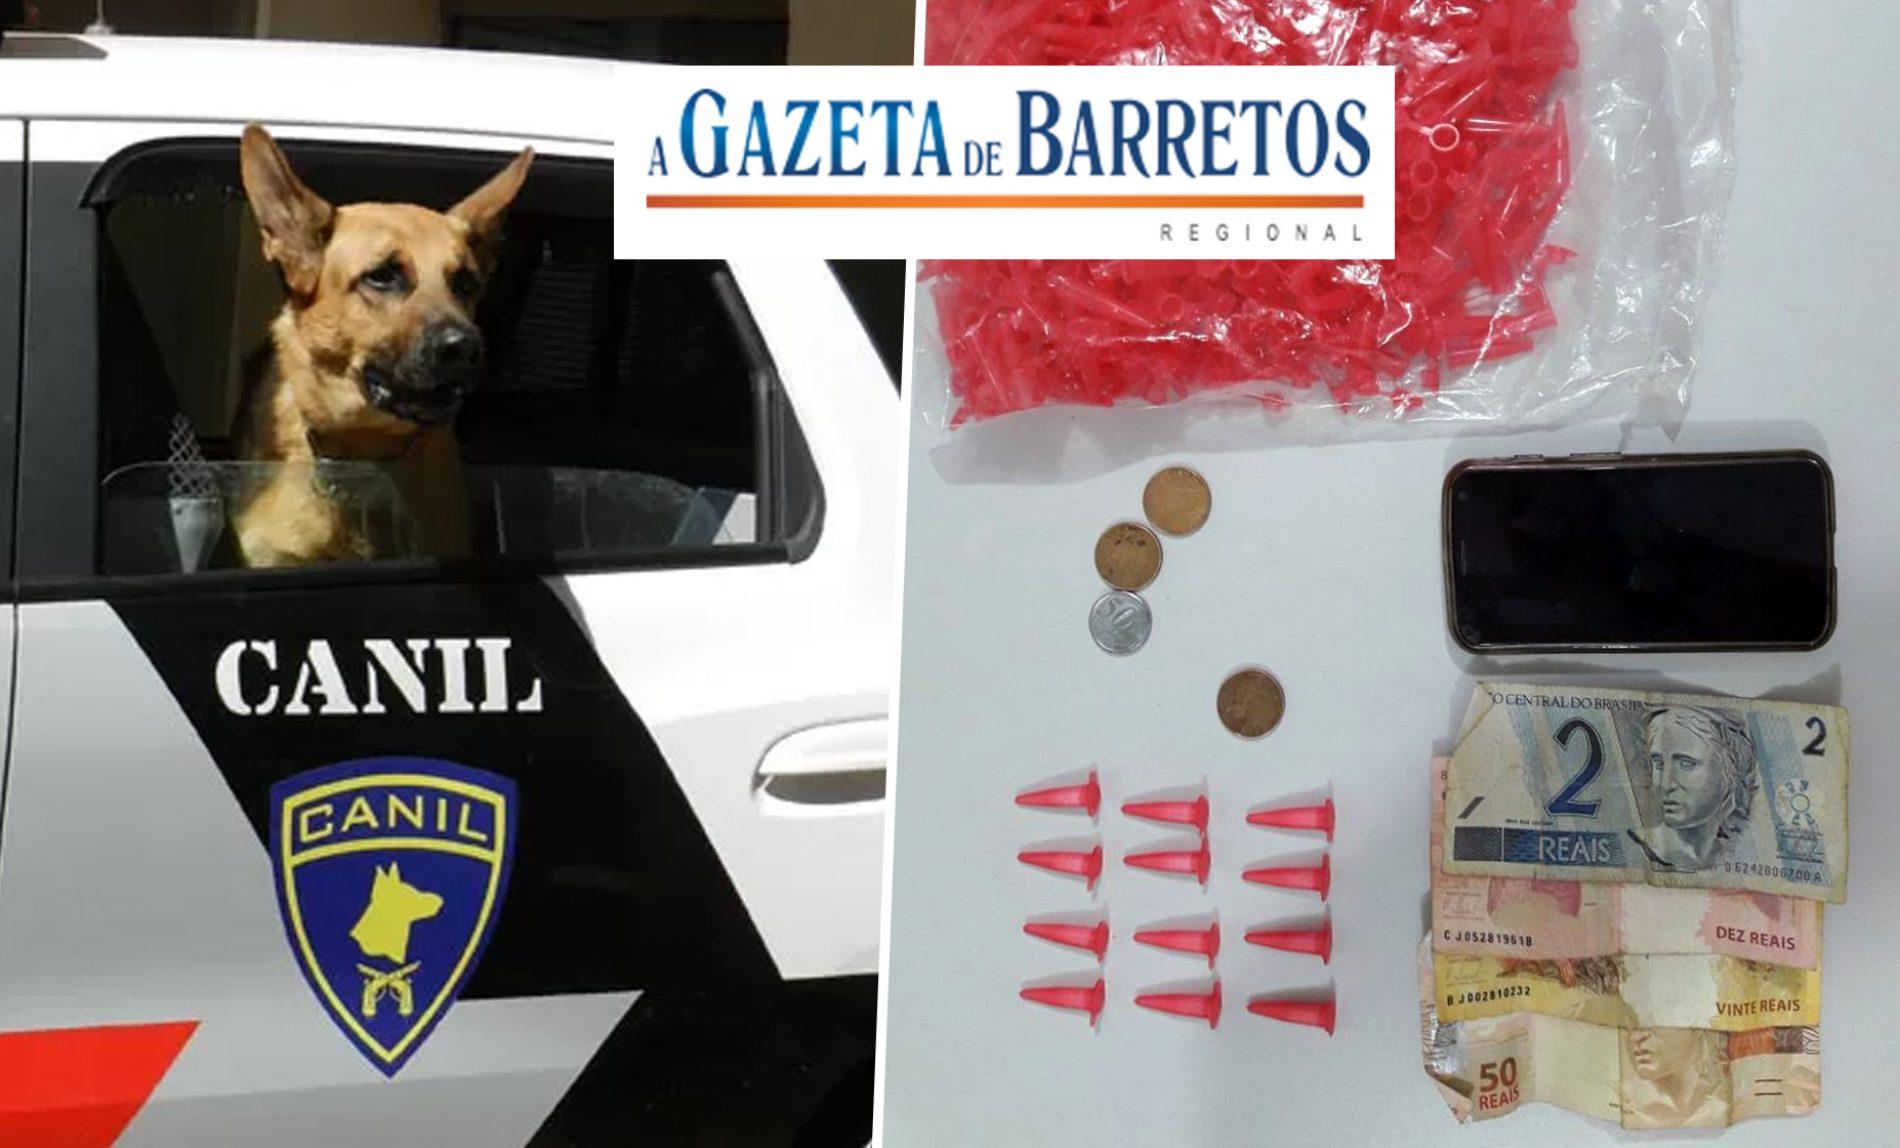 Balconista é preso pela equipe do Canil traficando drogas no Mutirão da Vila Gomes